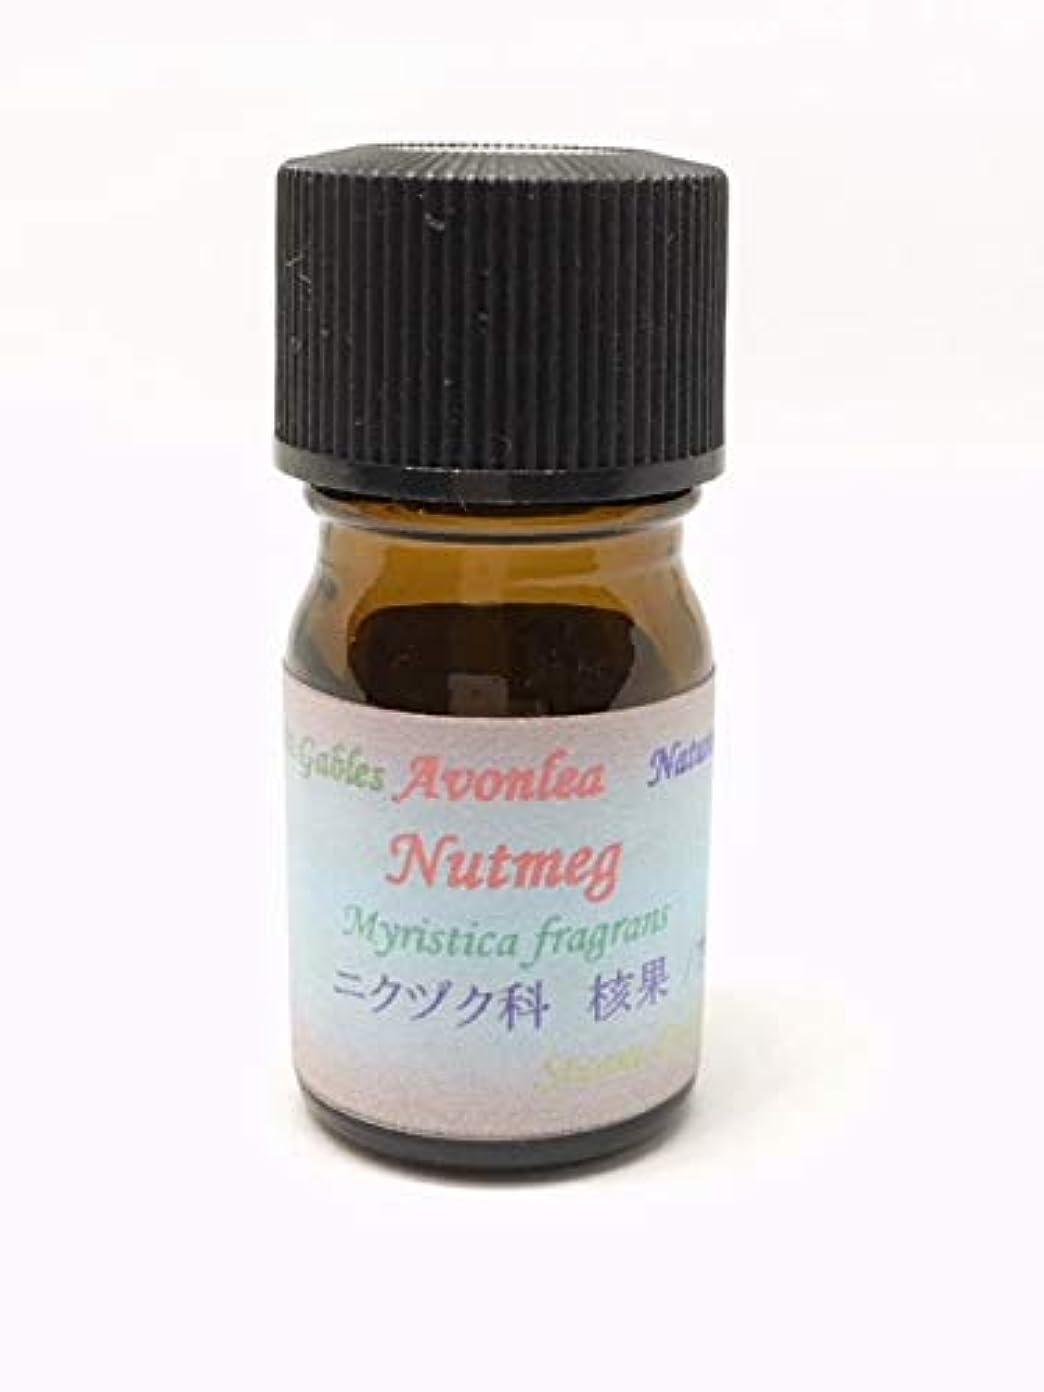 同級生組み合わせ詐欺ナツメグ 100% ピュア エッセンシャルオイル 高級精油 30ml Nutmeg